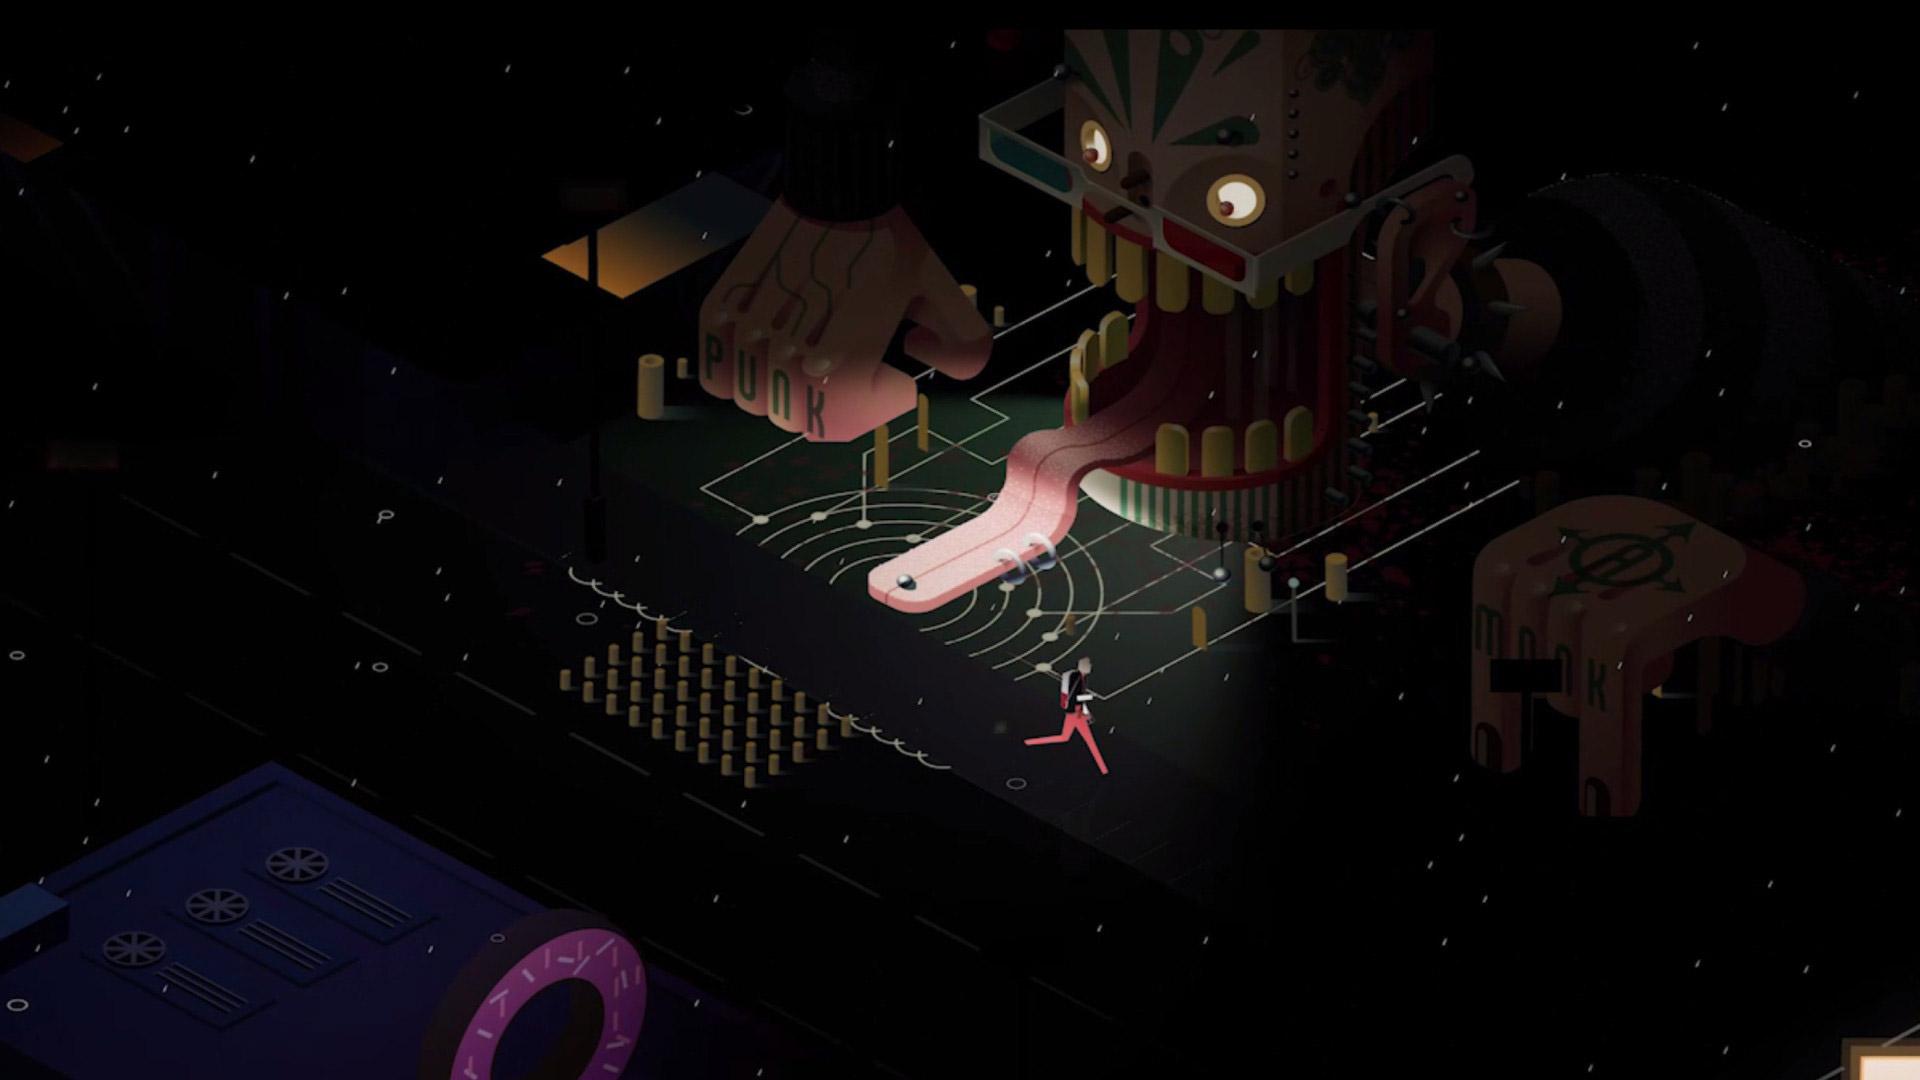 Cyberpunk survival game Atrio: The Dark Wild is one to watch screenshot